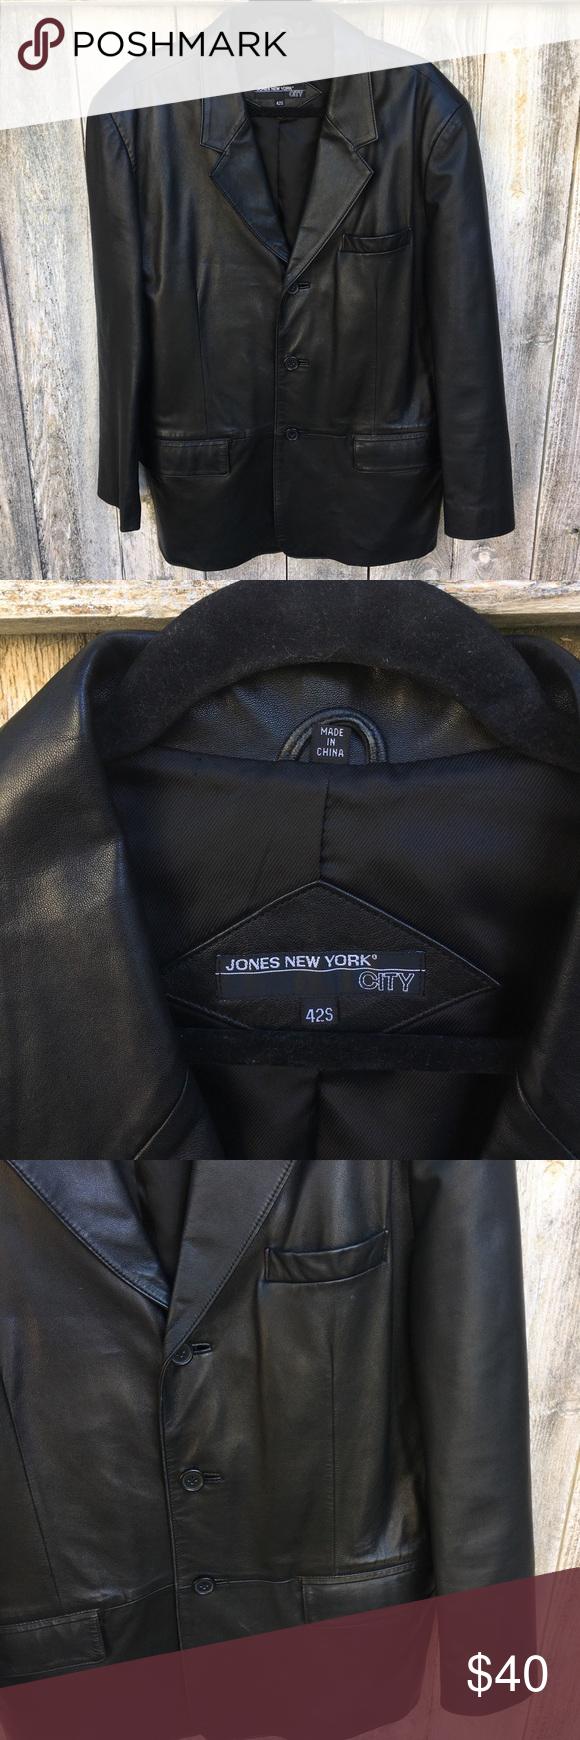 Black Leather Blazer Jacket Leather Blazer Leather Blazer Jacket Black Leather Blazer